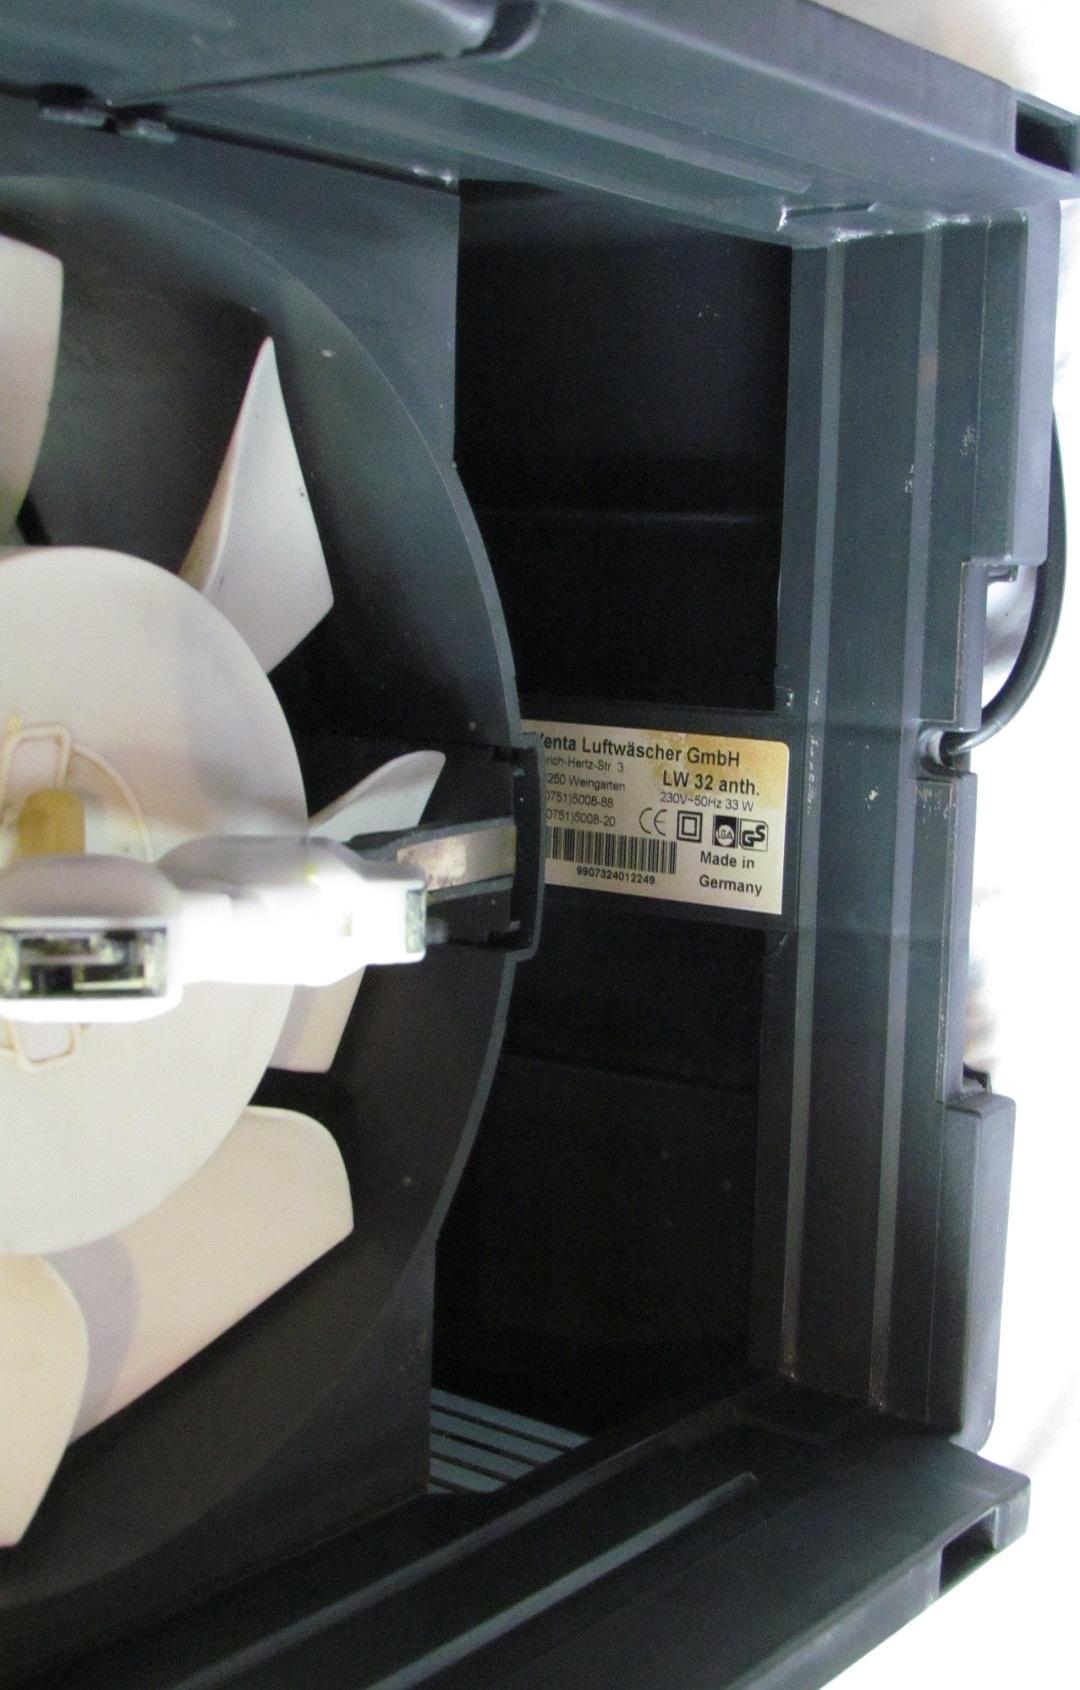 venta lw 32 luftw scher luftbefeuchter luftreiniger mit gew hrleistung ebay. Black Bedroom Furniture Sets. Home Design Ideas